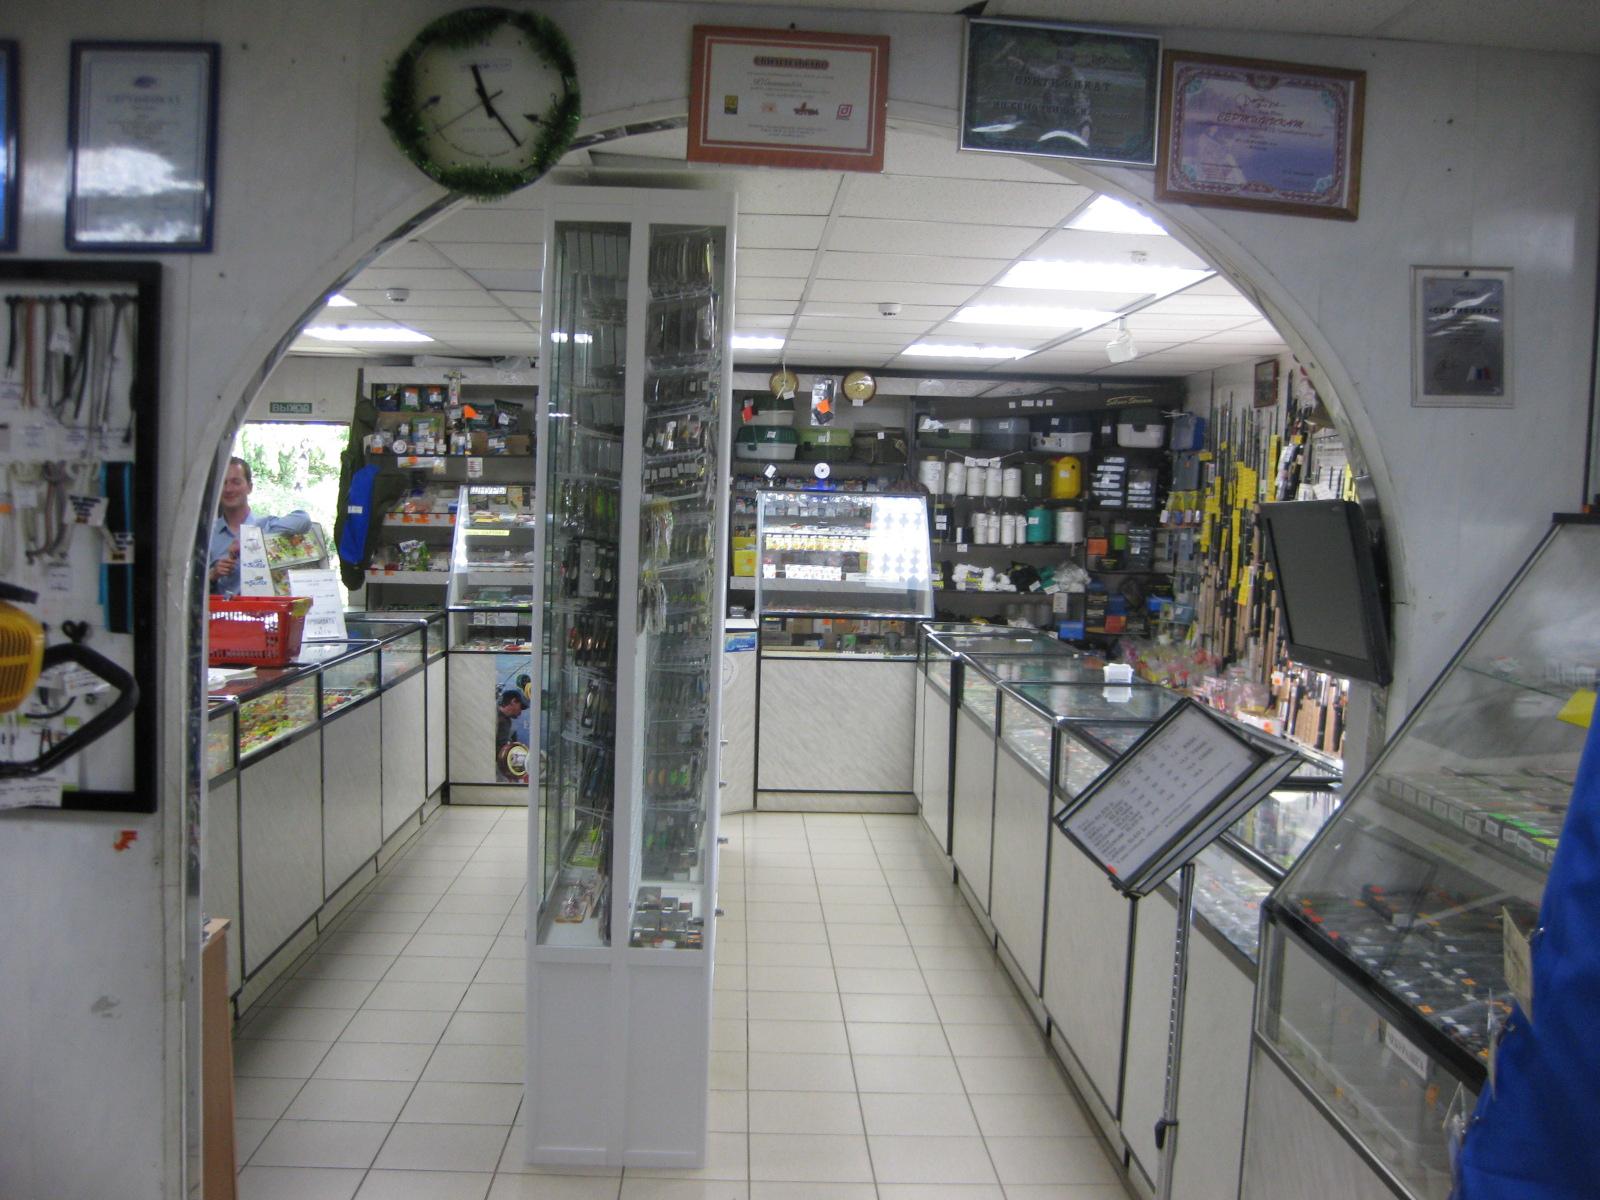 магазин рыбалки и туризма в вологде